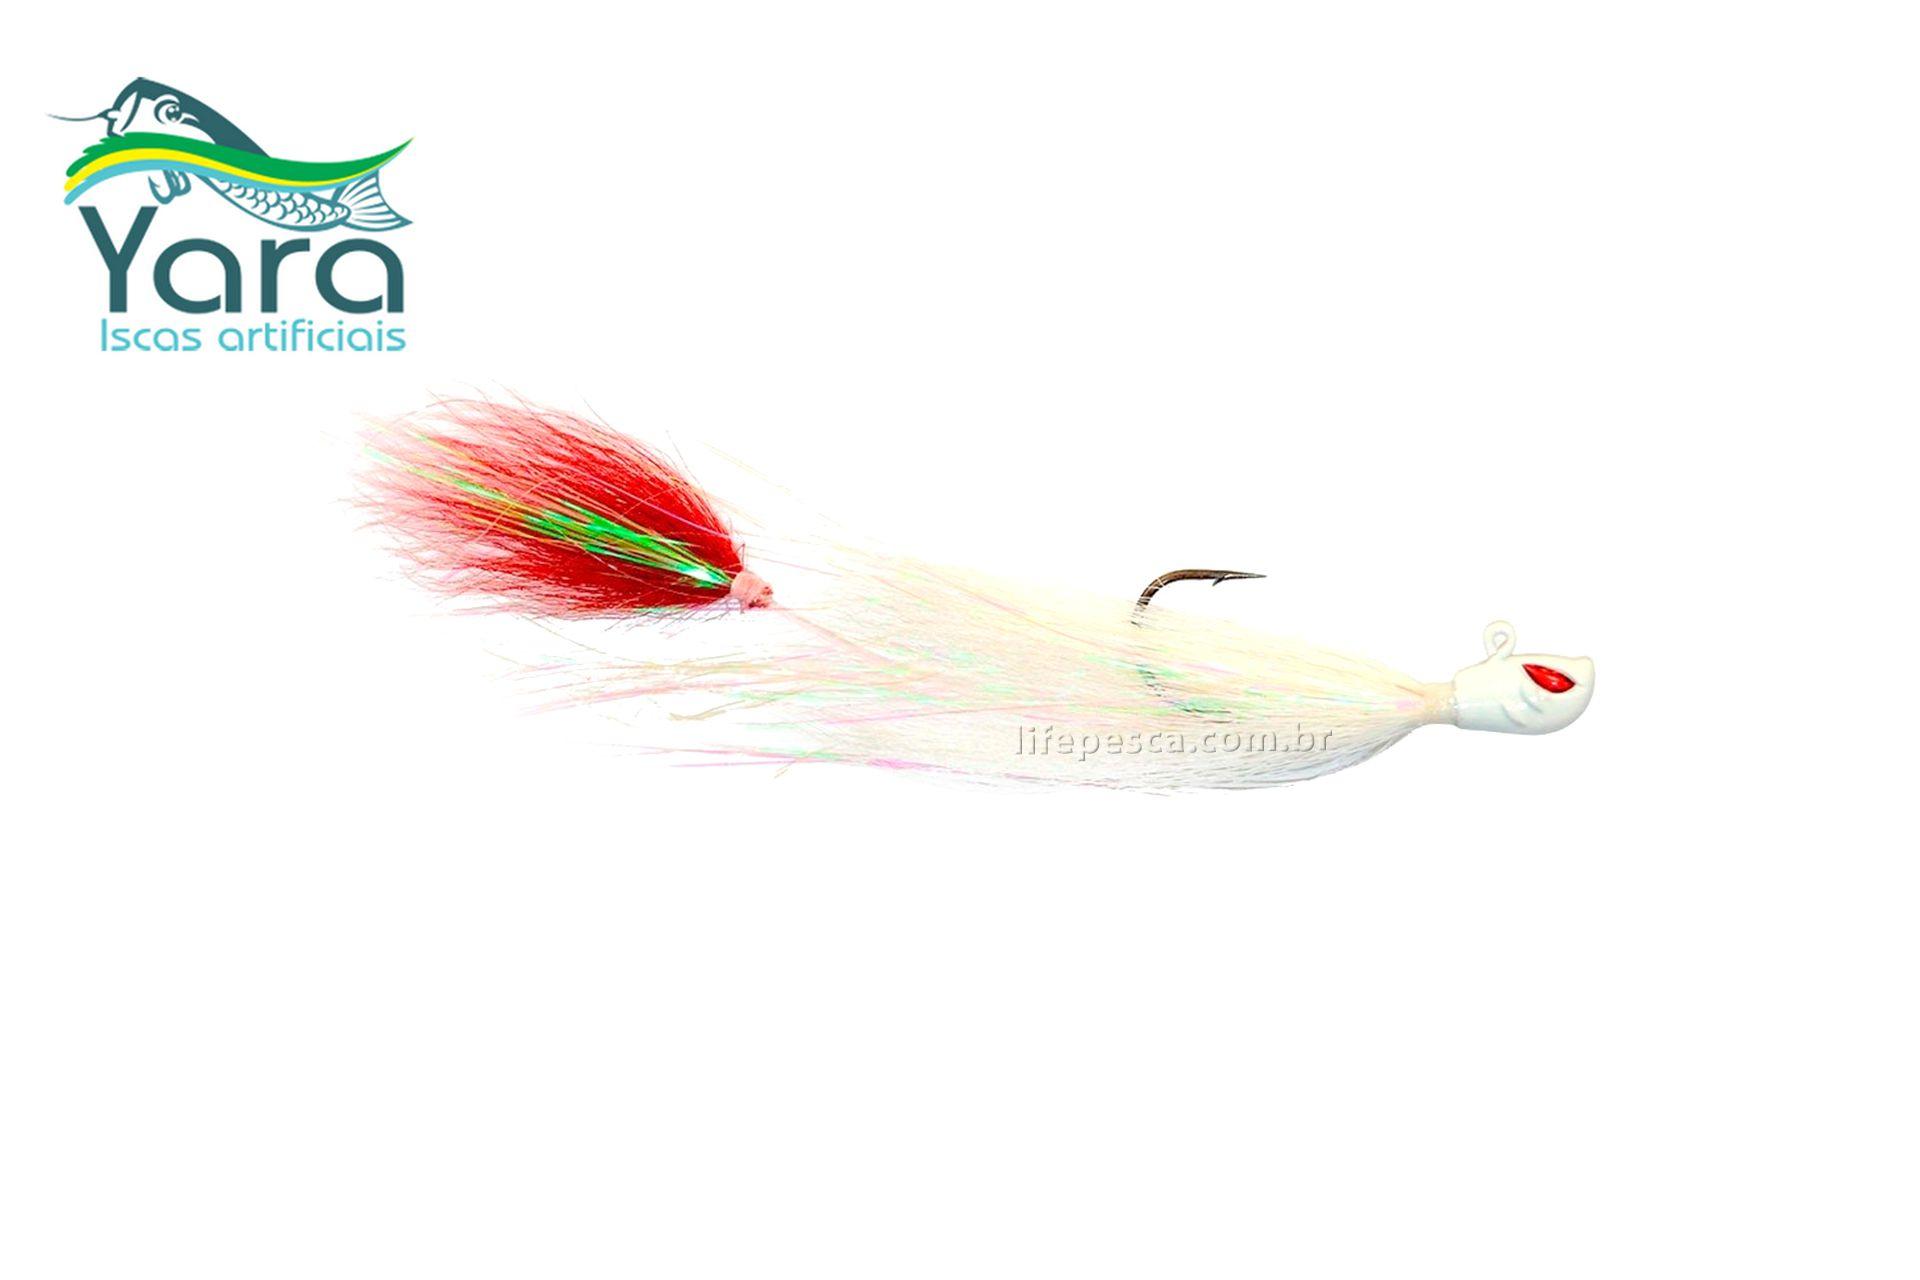 Isca Artificial Yara Killer Jig  (17g) - Várias Cores  - Life Pesca - Sua loja de Pesca, Camping e Lazer